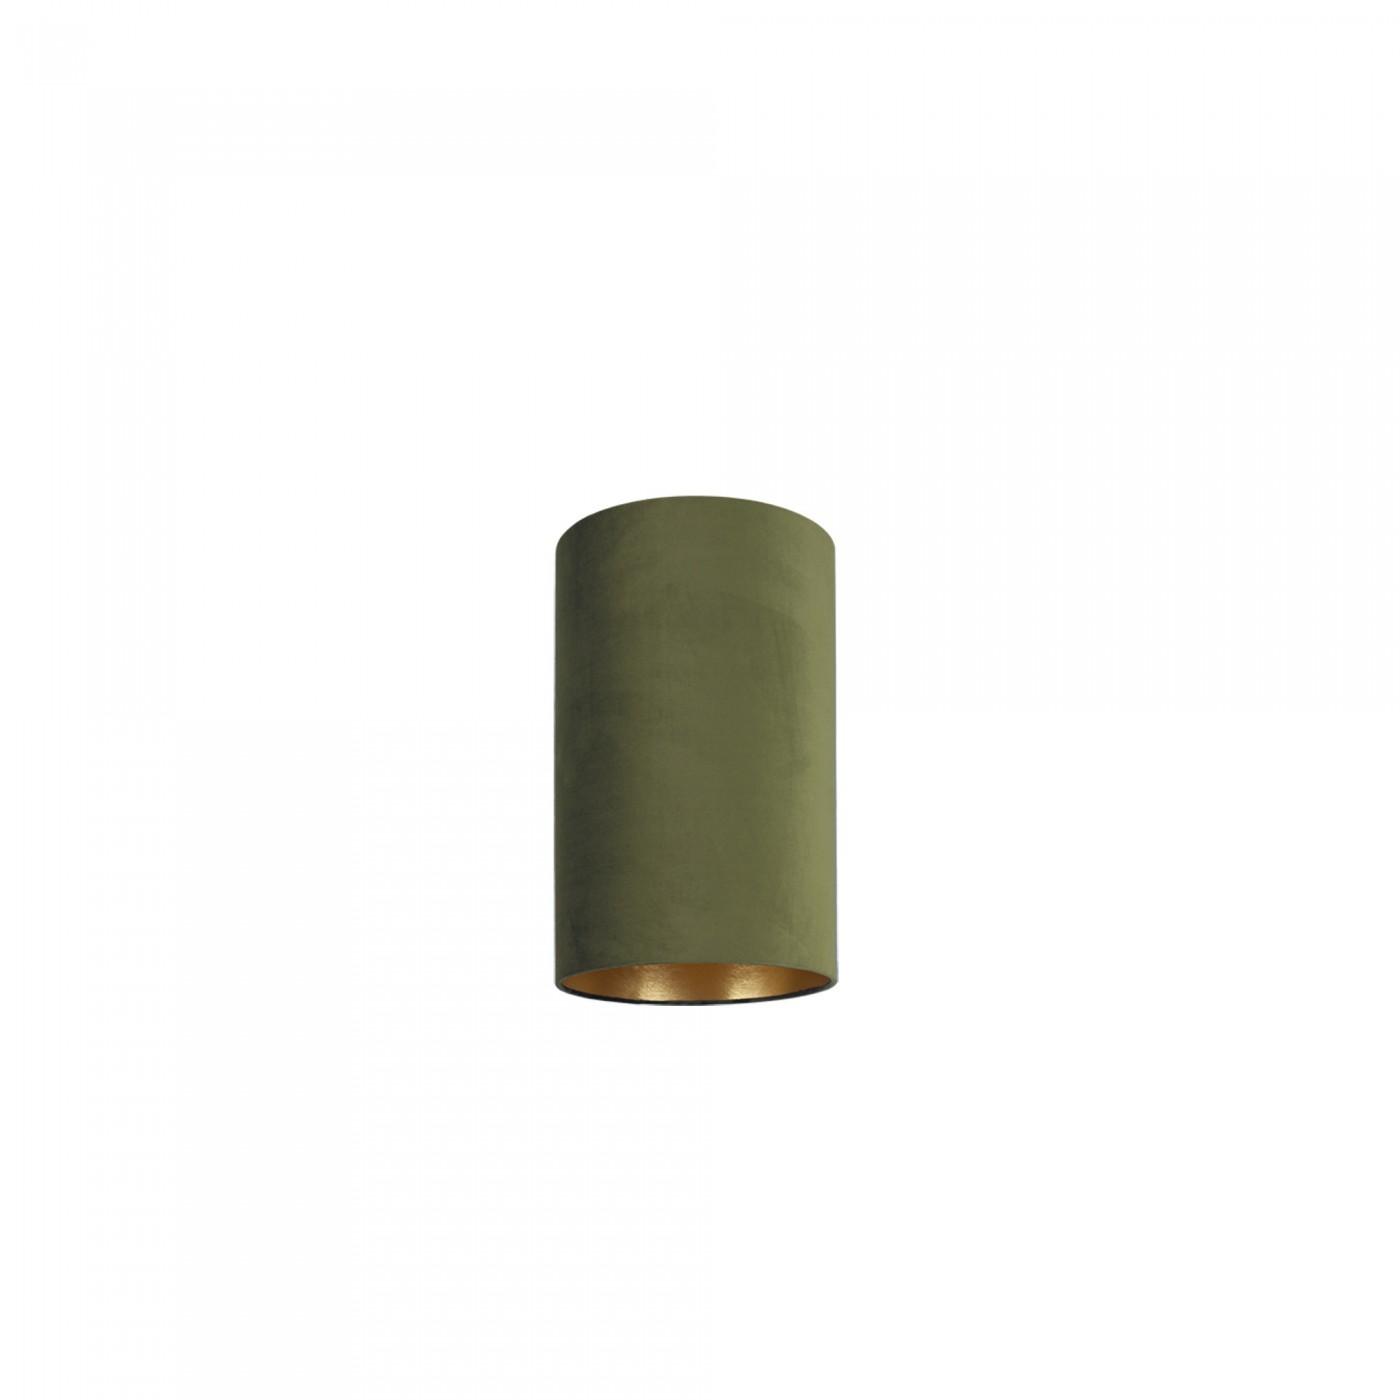 CAMELEON BARREL THIN S V GN/G 8520 Nowodvorski Lighting